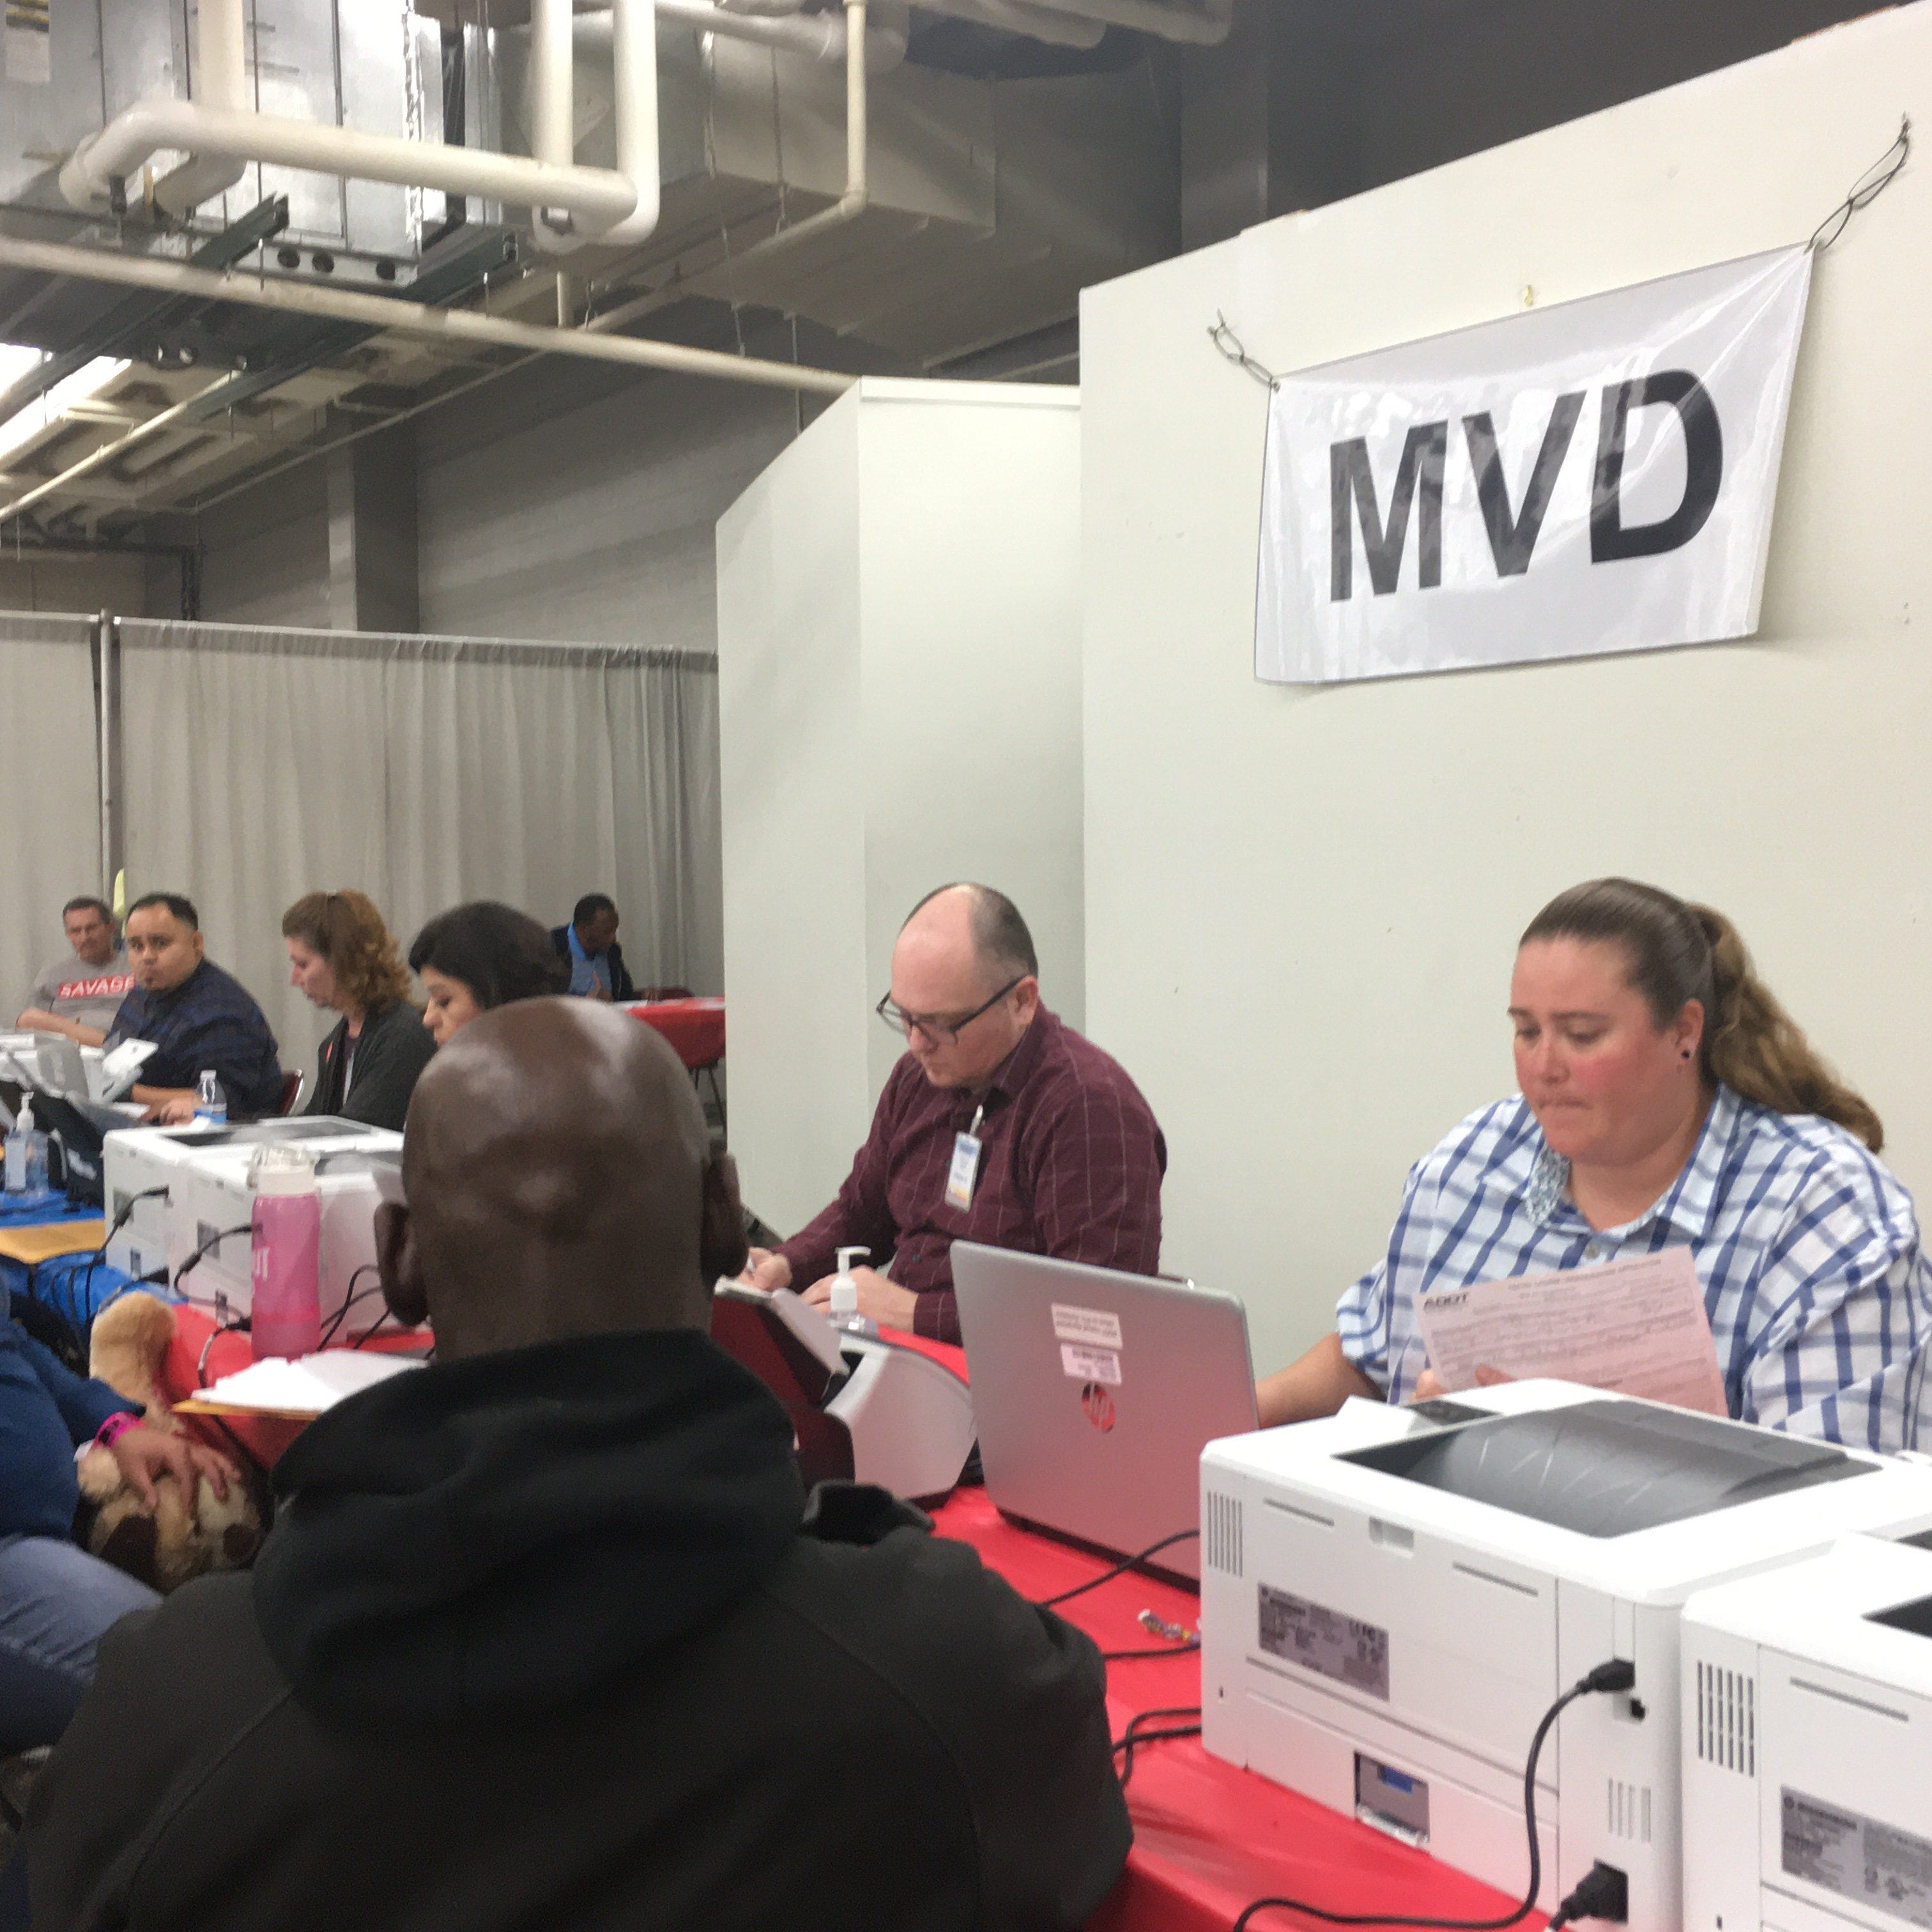 StandDown MVD volunteers